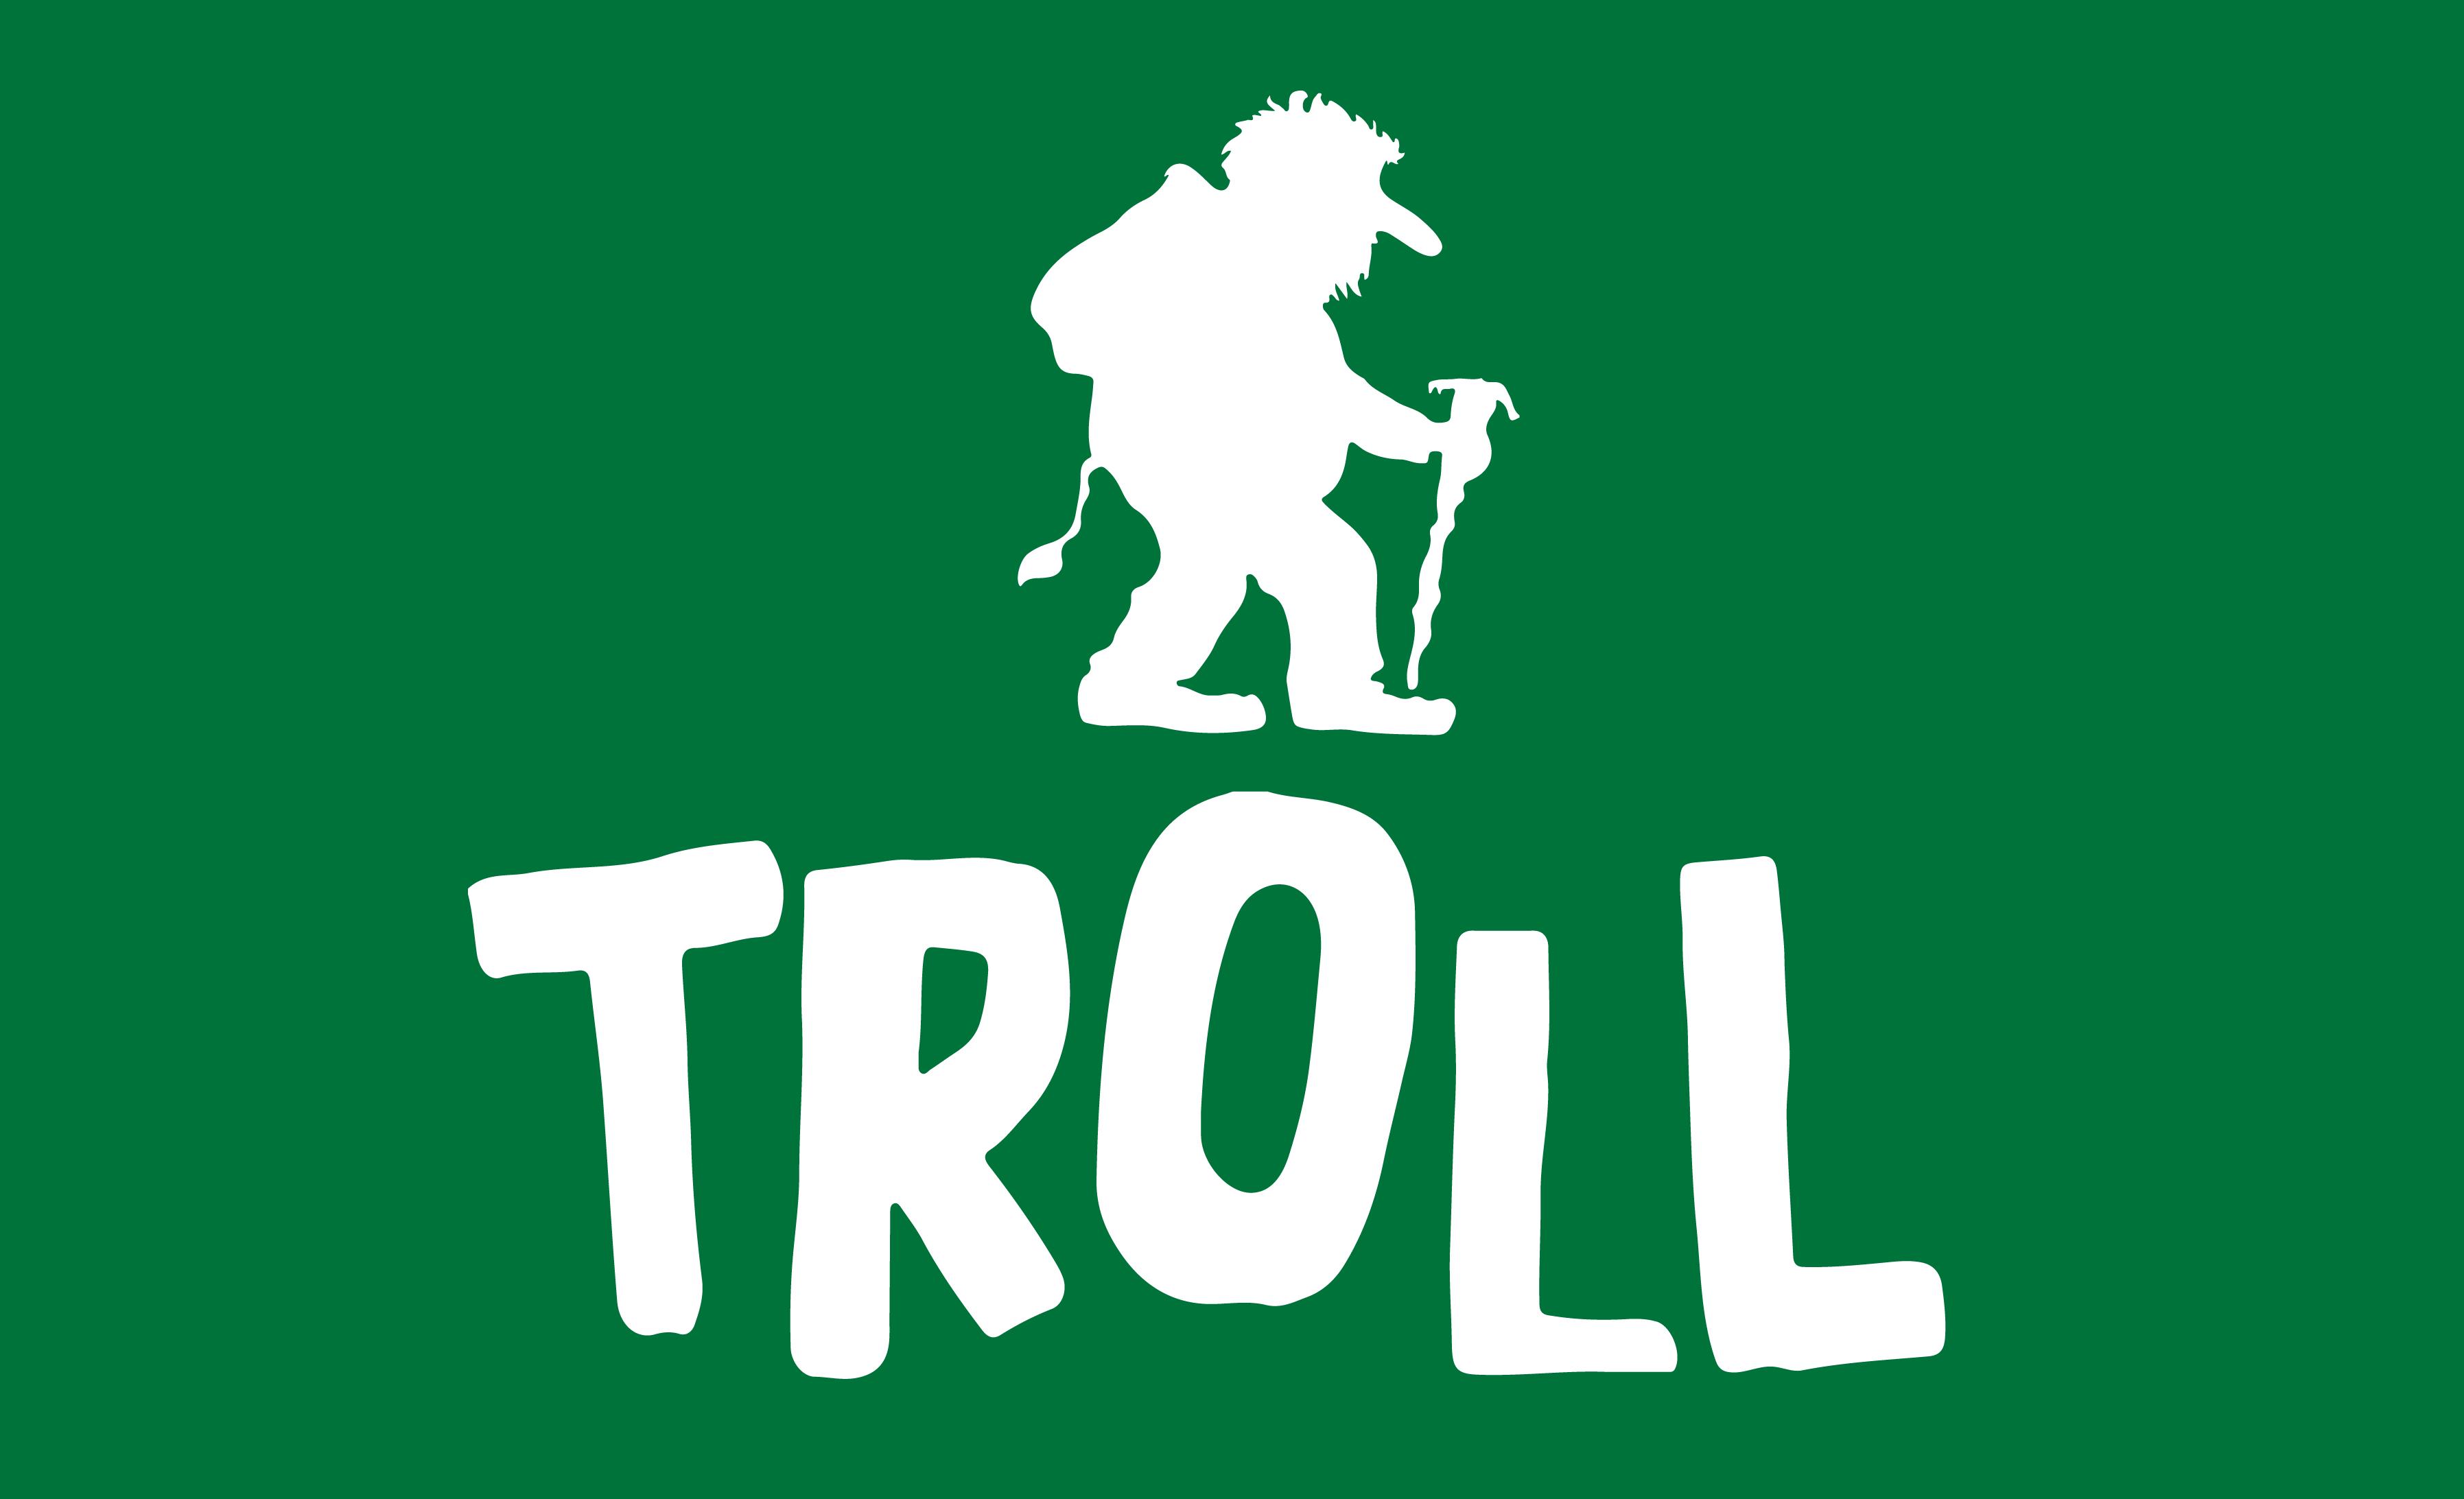 Saarburger Troll